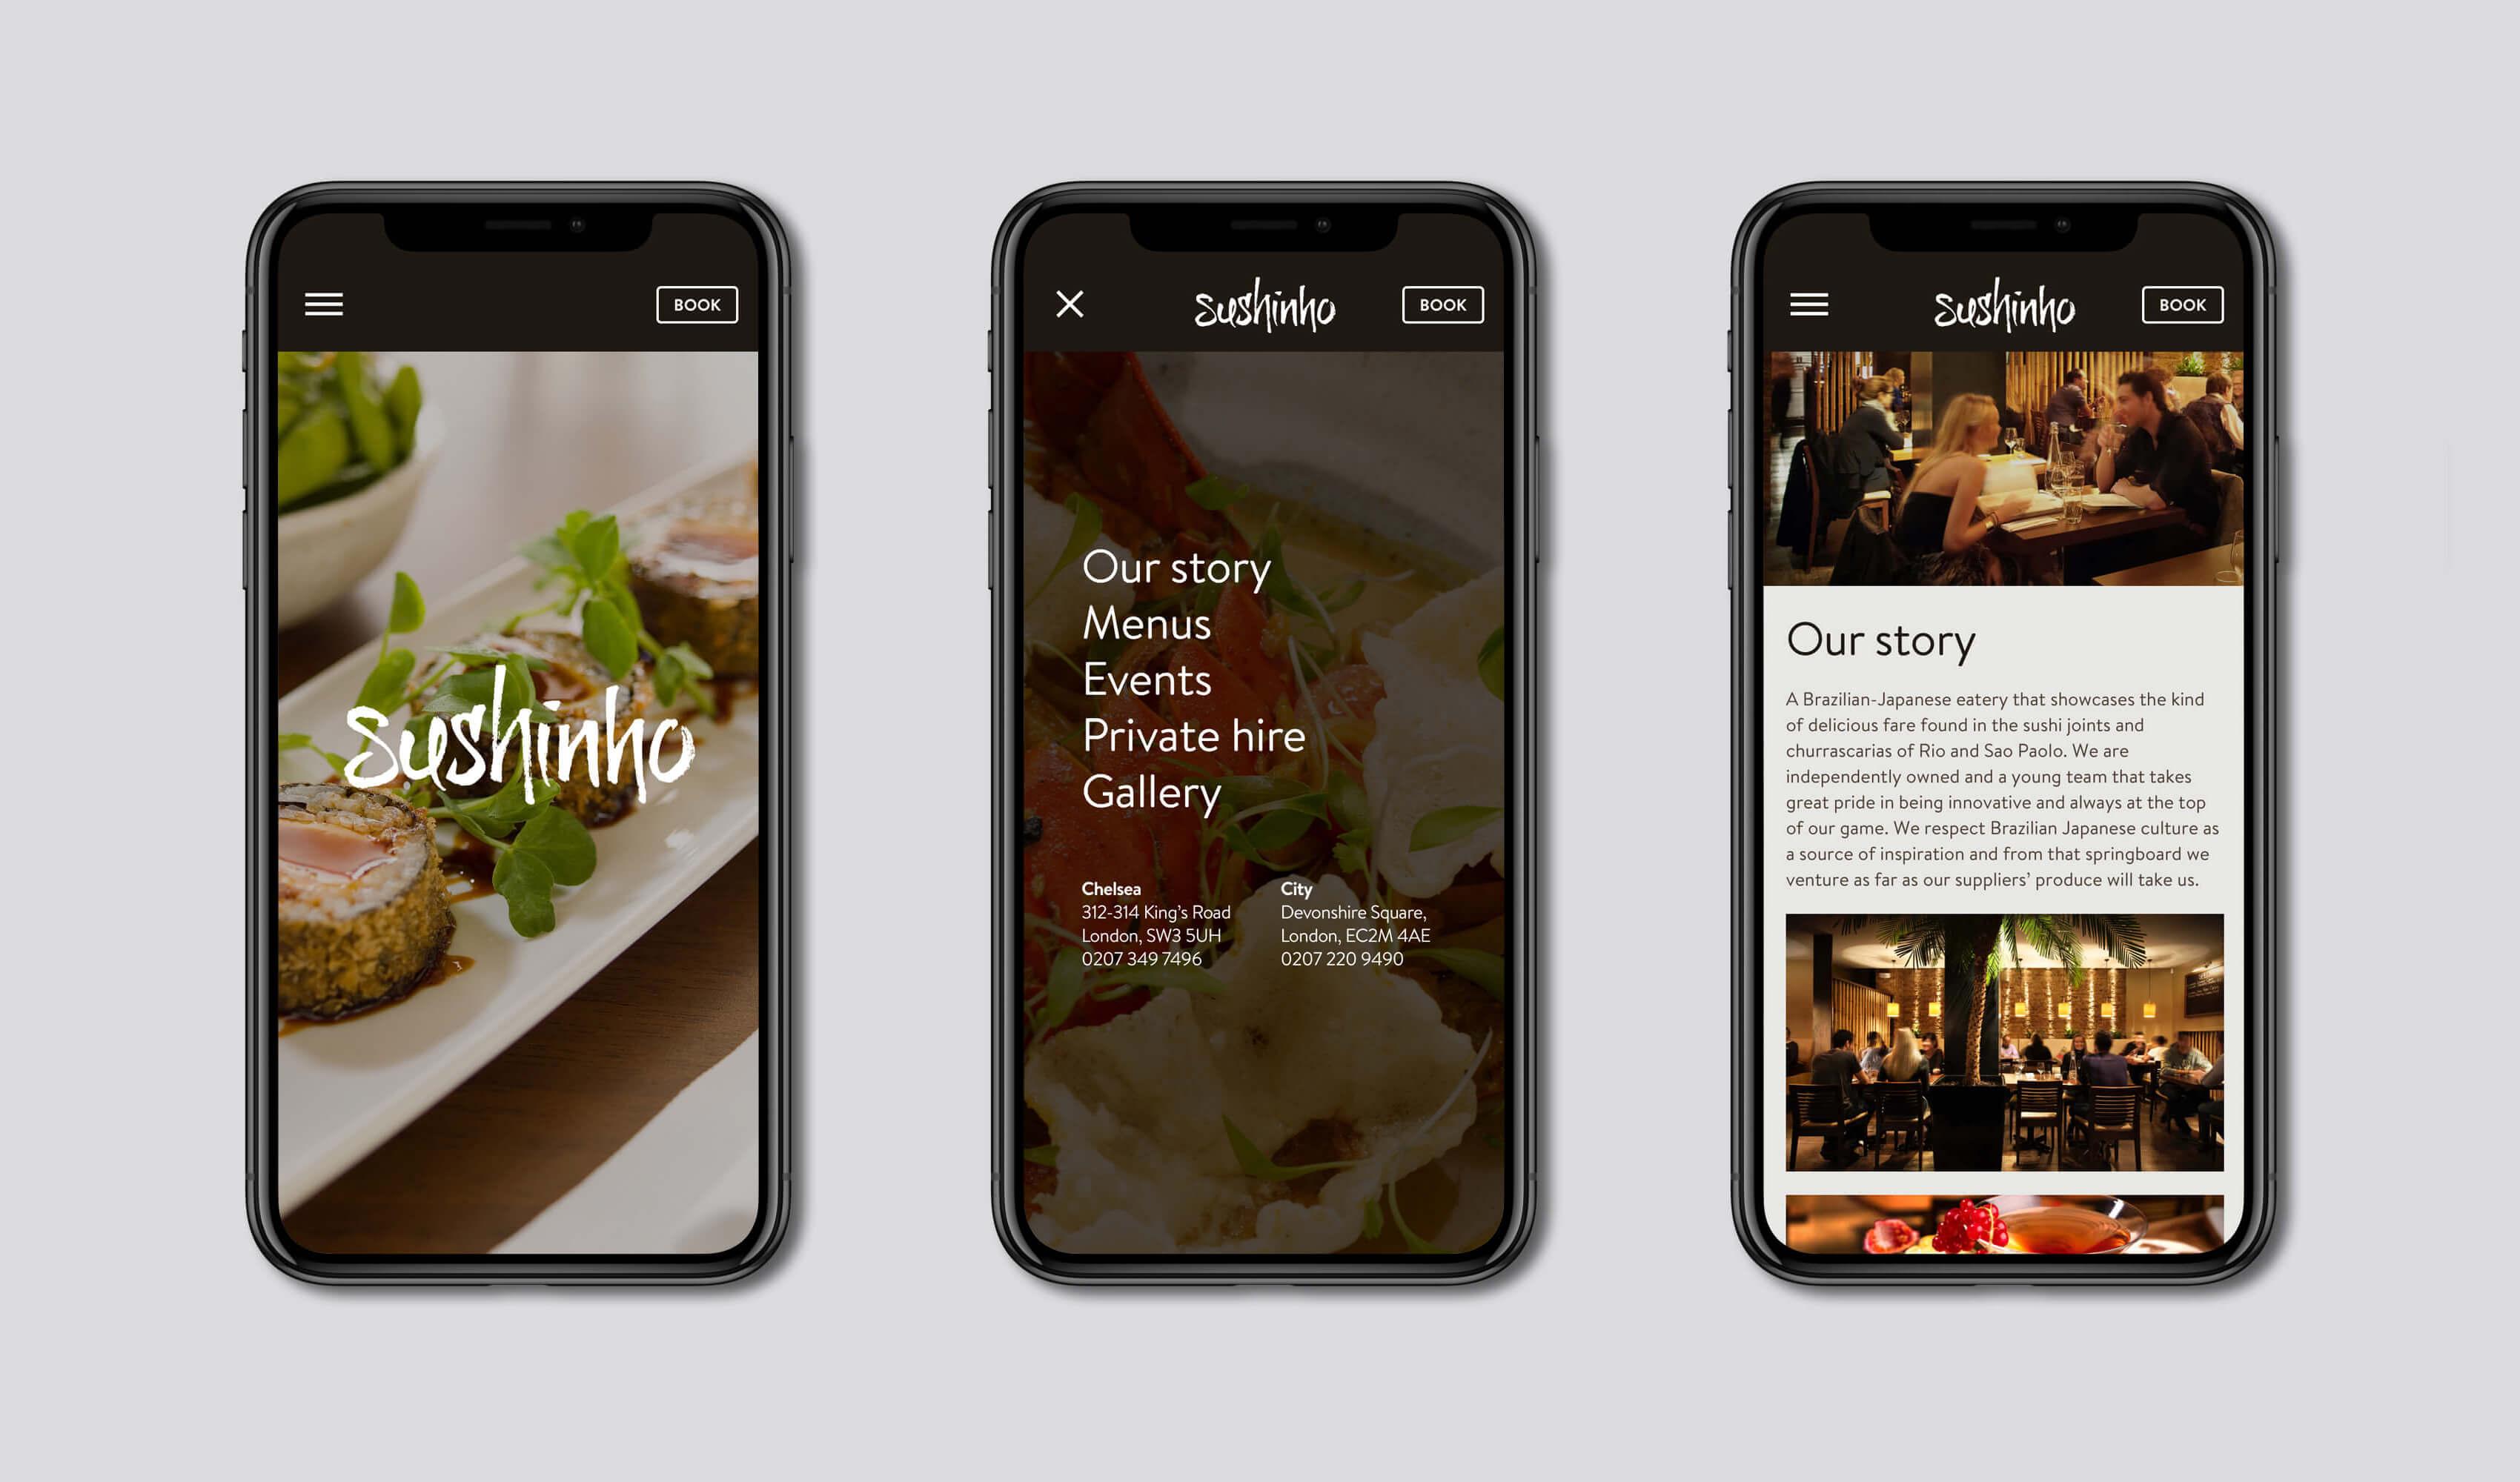 Sushinho mobile website